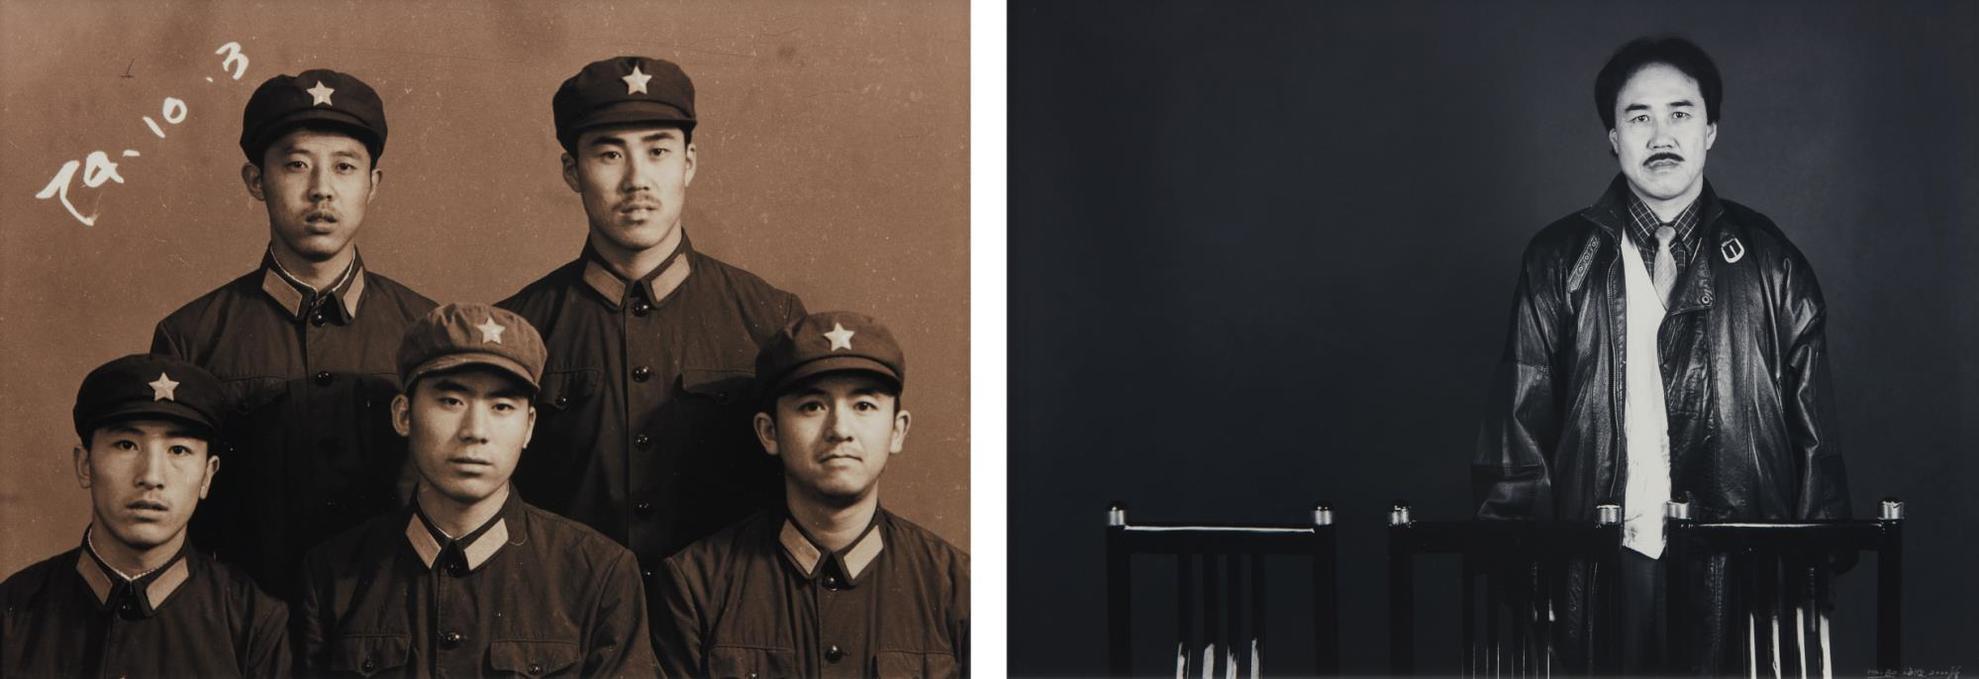 Hai Bo-They No. 3-2000